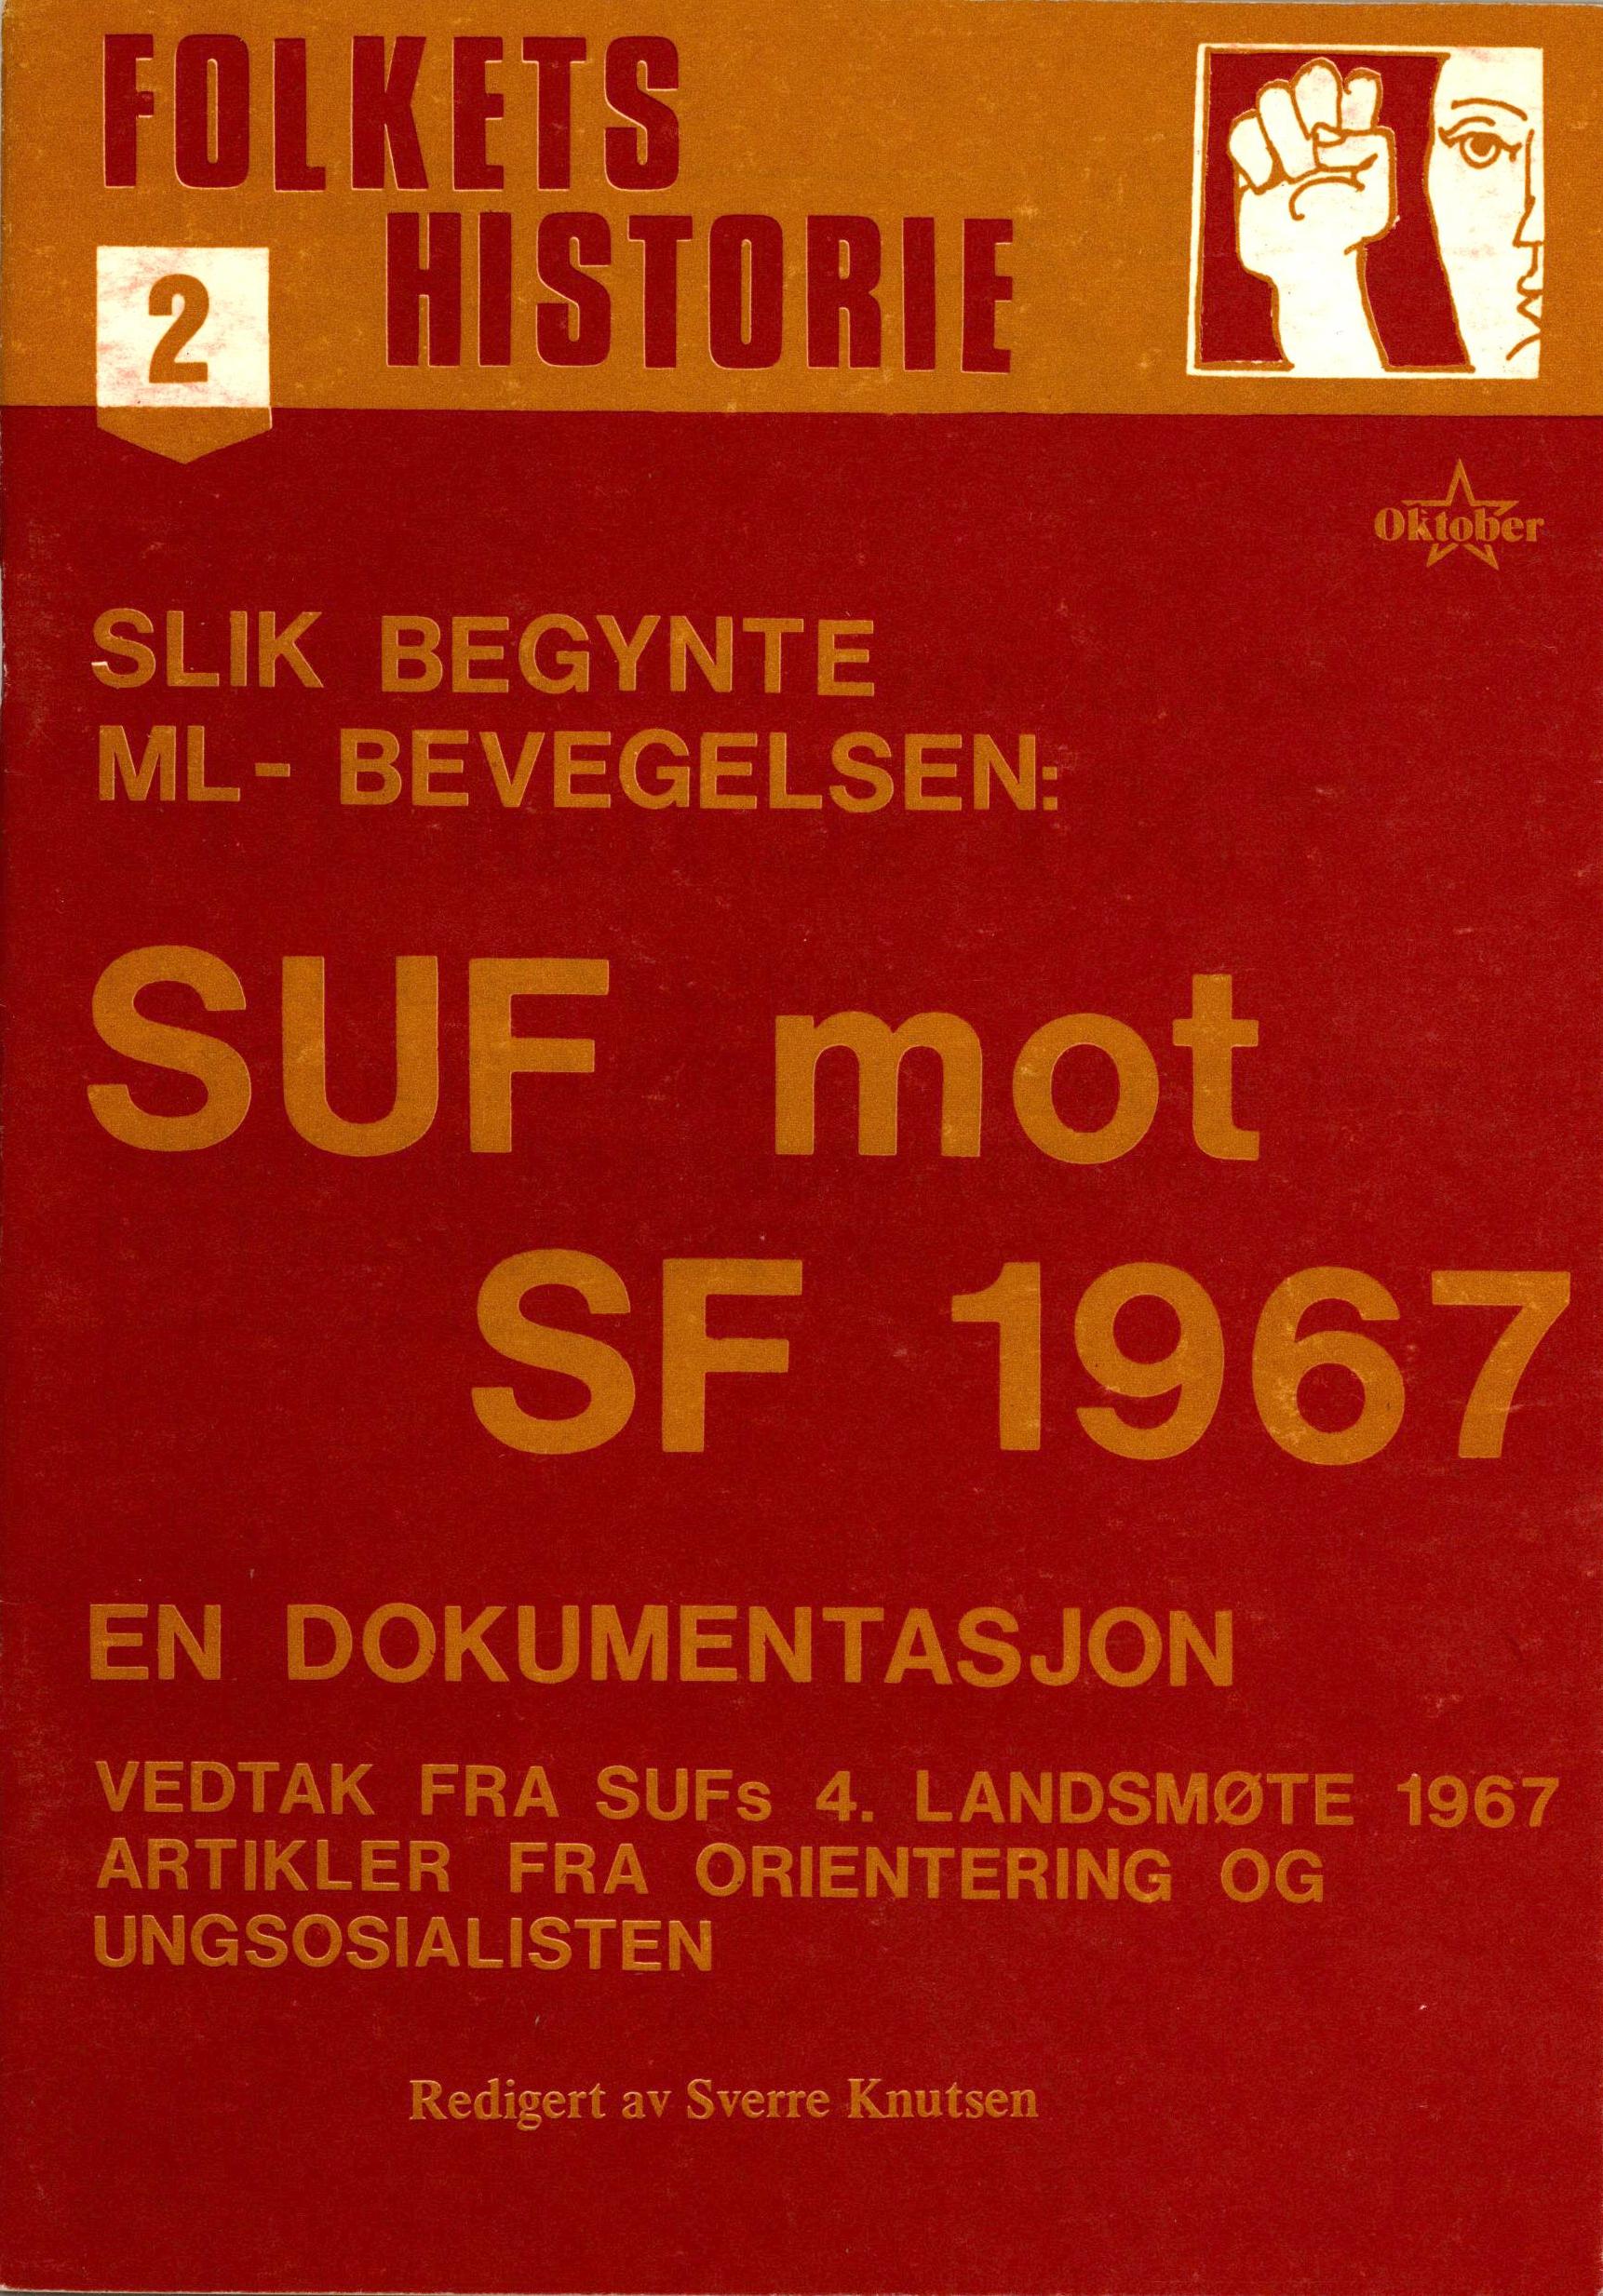 Folkets historie #2: Slik begynte ml-bevegelsen - SUF mot SF 1967 - En dokumentasjon